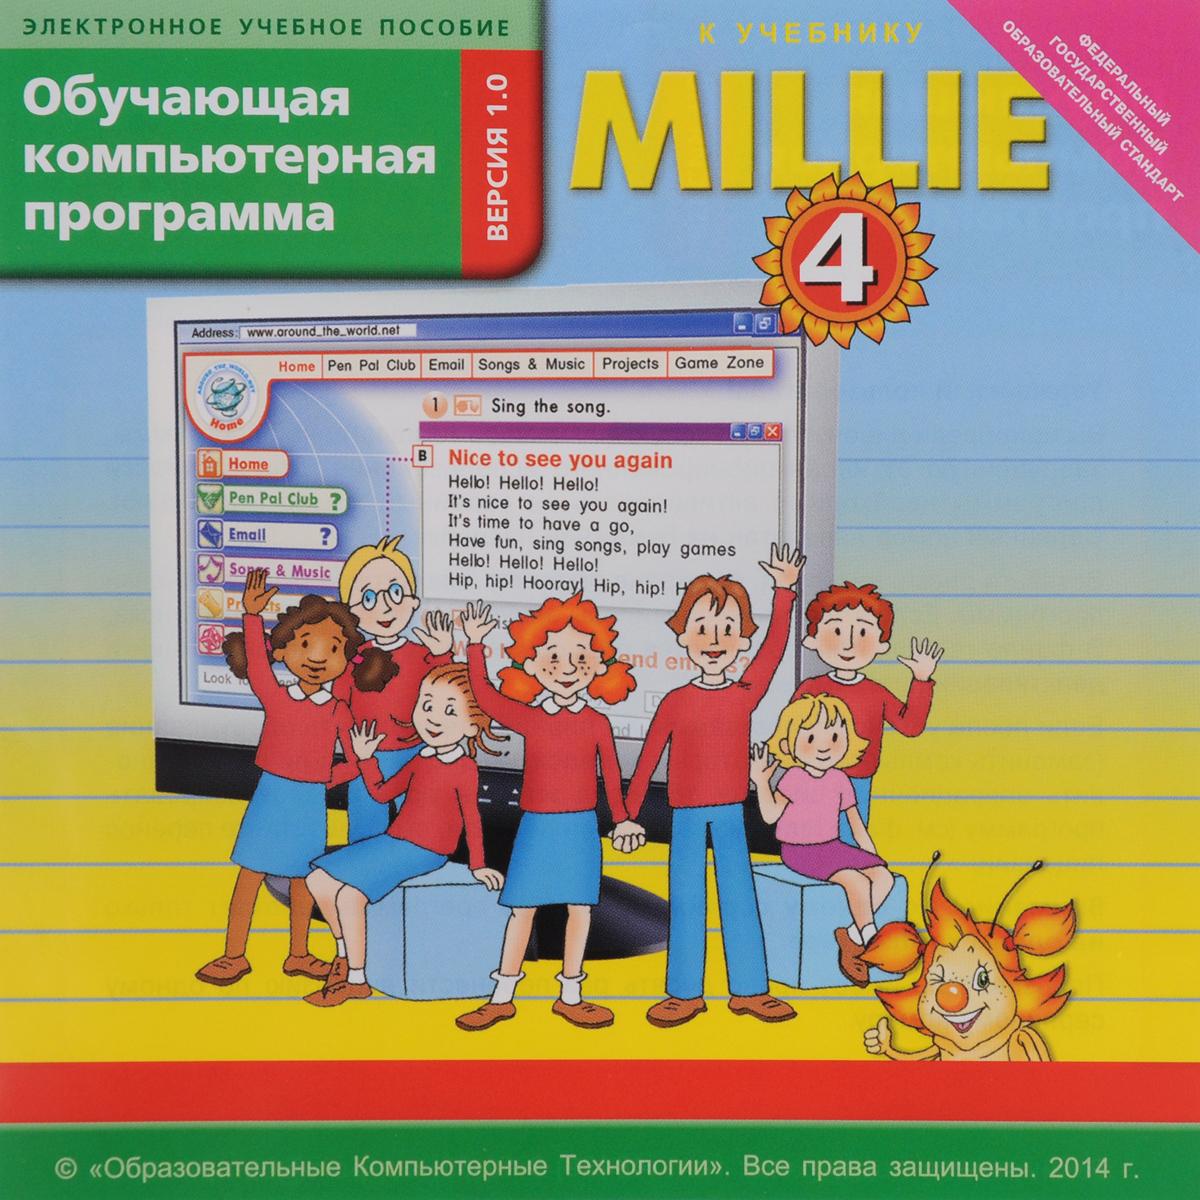 Millie 4 / Милли. Английский язык. 4 класс. Обучающая компьютерная программа